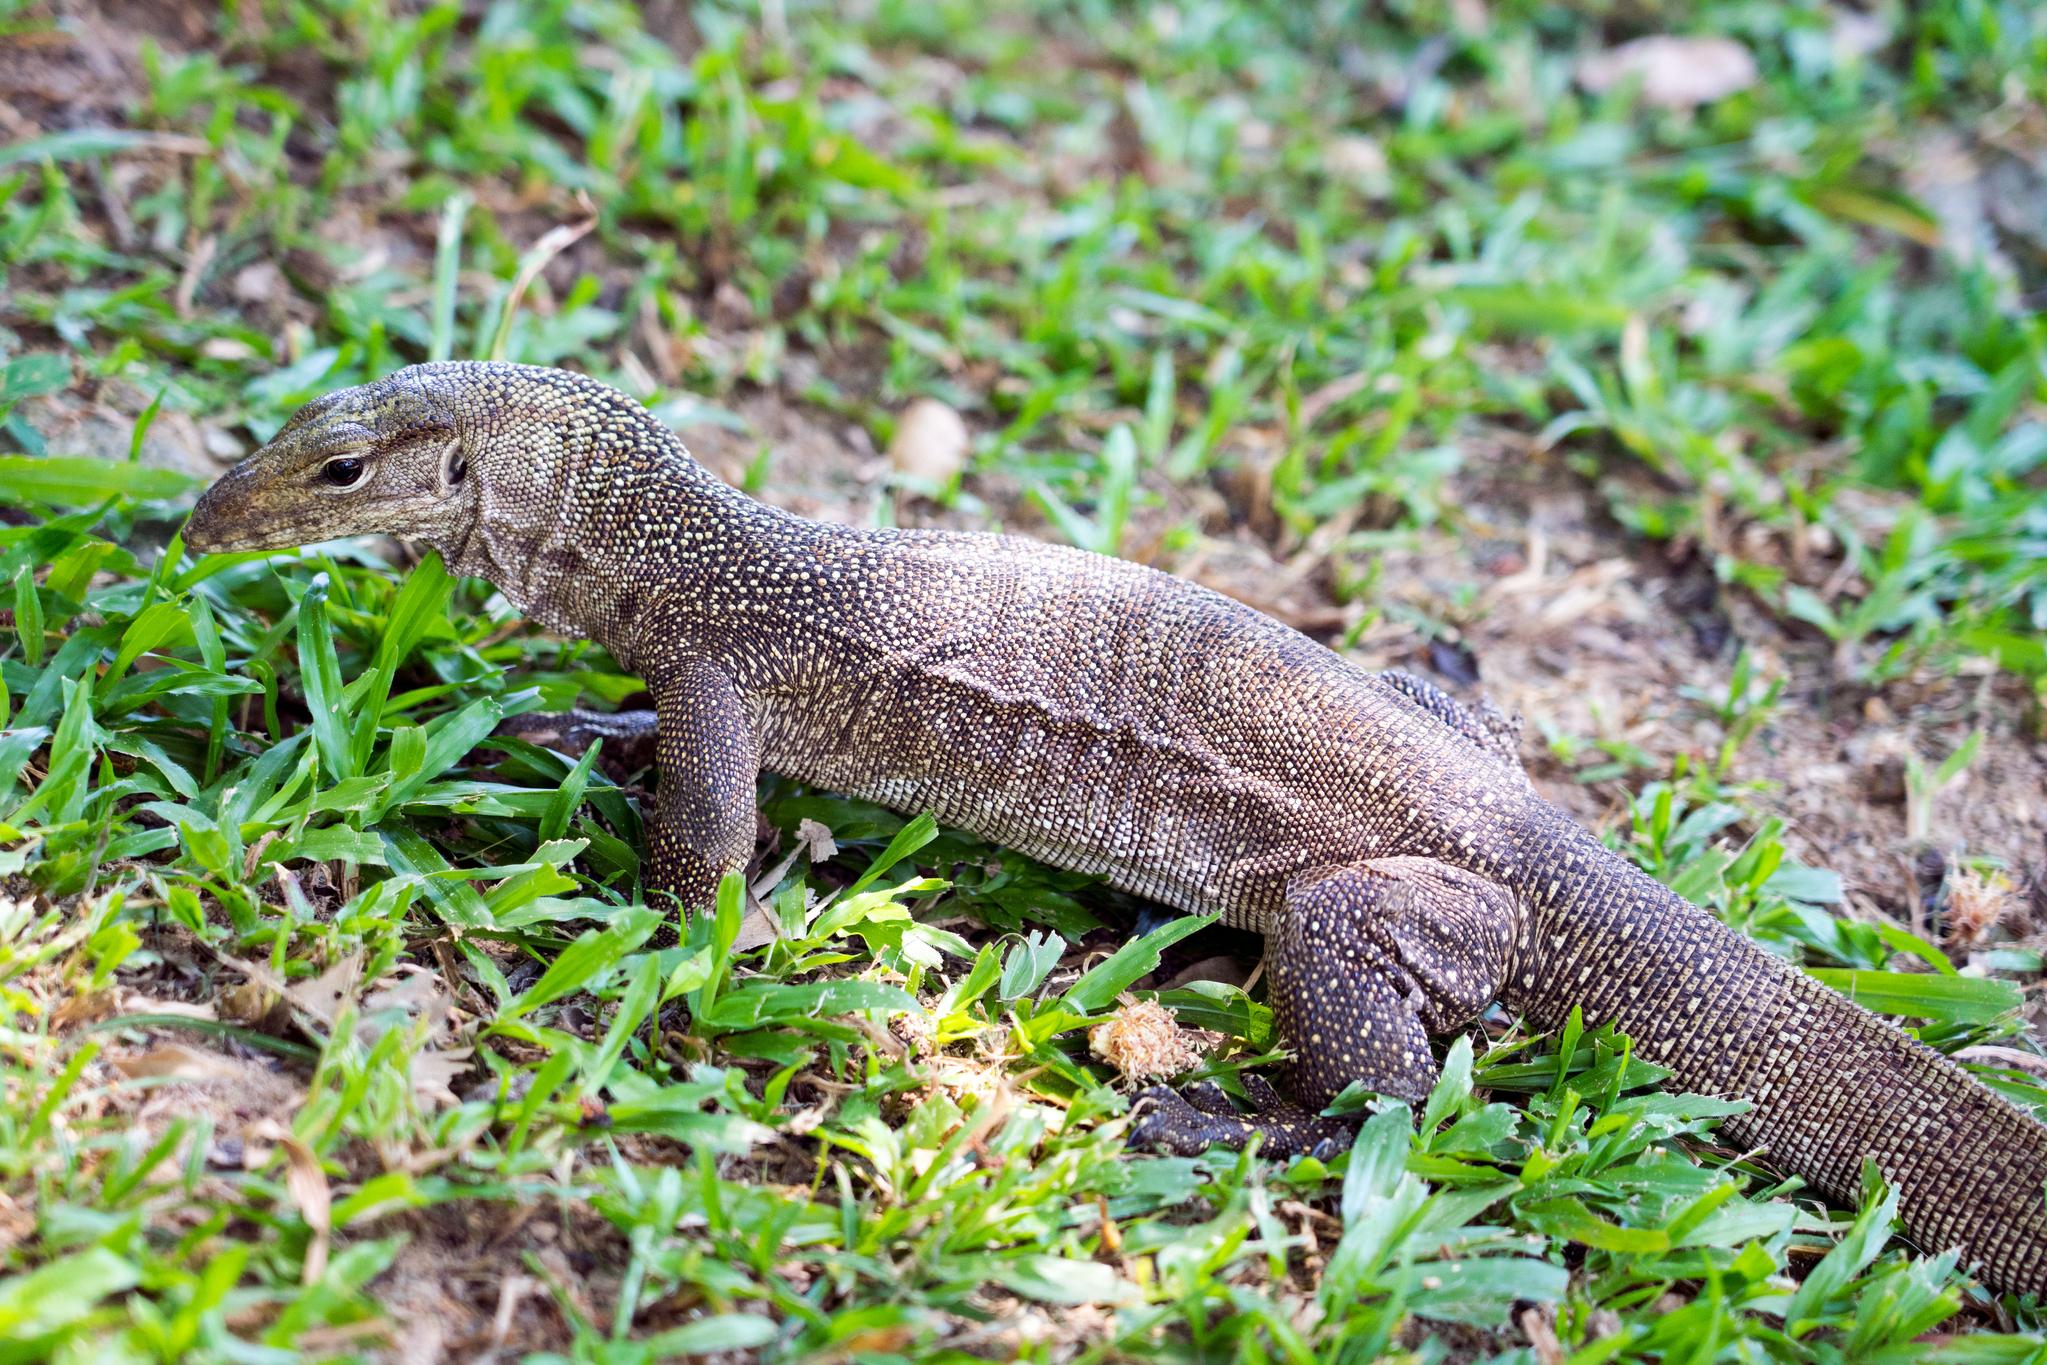 도마뱀은 보타닉 가든에서 가장 흔하게 볼 수 있는 동물이다. 백종현 기자